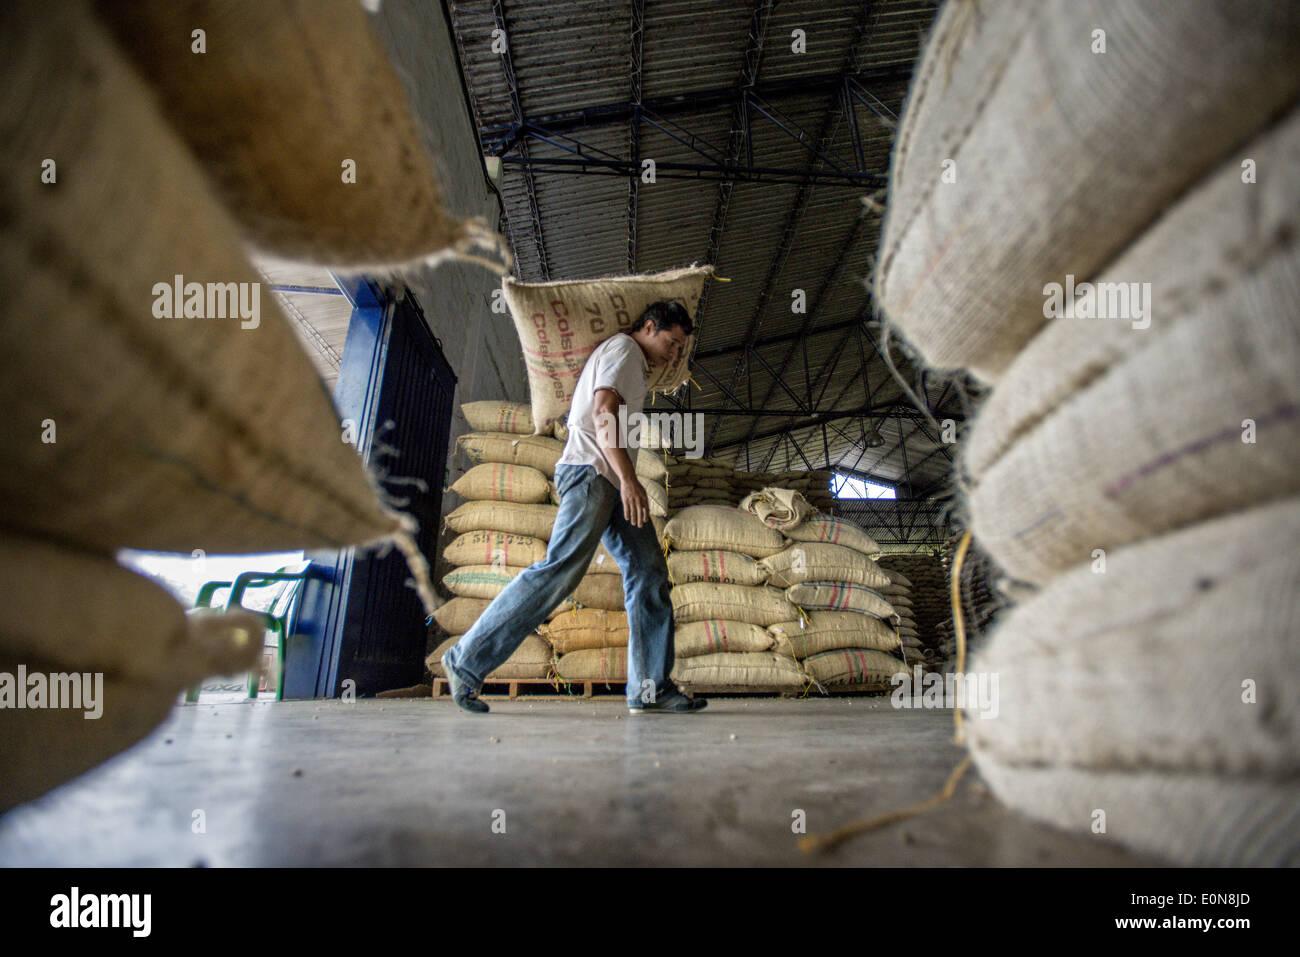 Jardin, Departamento de Antioquia, Colombia. 21 Mar, 2014. Marzo 21, 2014 - Los granos de café a los agricultores locales se llevan a mano como el café procesado y almacenado en todo el mundo envío en un co-op, Coopertiva de Caficultores de Andes en la ciudad de Jardin en el departamento de Antioquia región de Colombia.Story Resumen:.profunda en los verdes valles del departamento colombiano de Antioquia región es Fabio Alonso Reyes Cano finca de café. Finca La Siemeona ha estado en la familia Cano durante generaciones. Él y dos trabajadores de la granja de 5 acres de tierra como sus antepasados, bean por bean. Es una tradición que Imagen De Stock